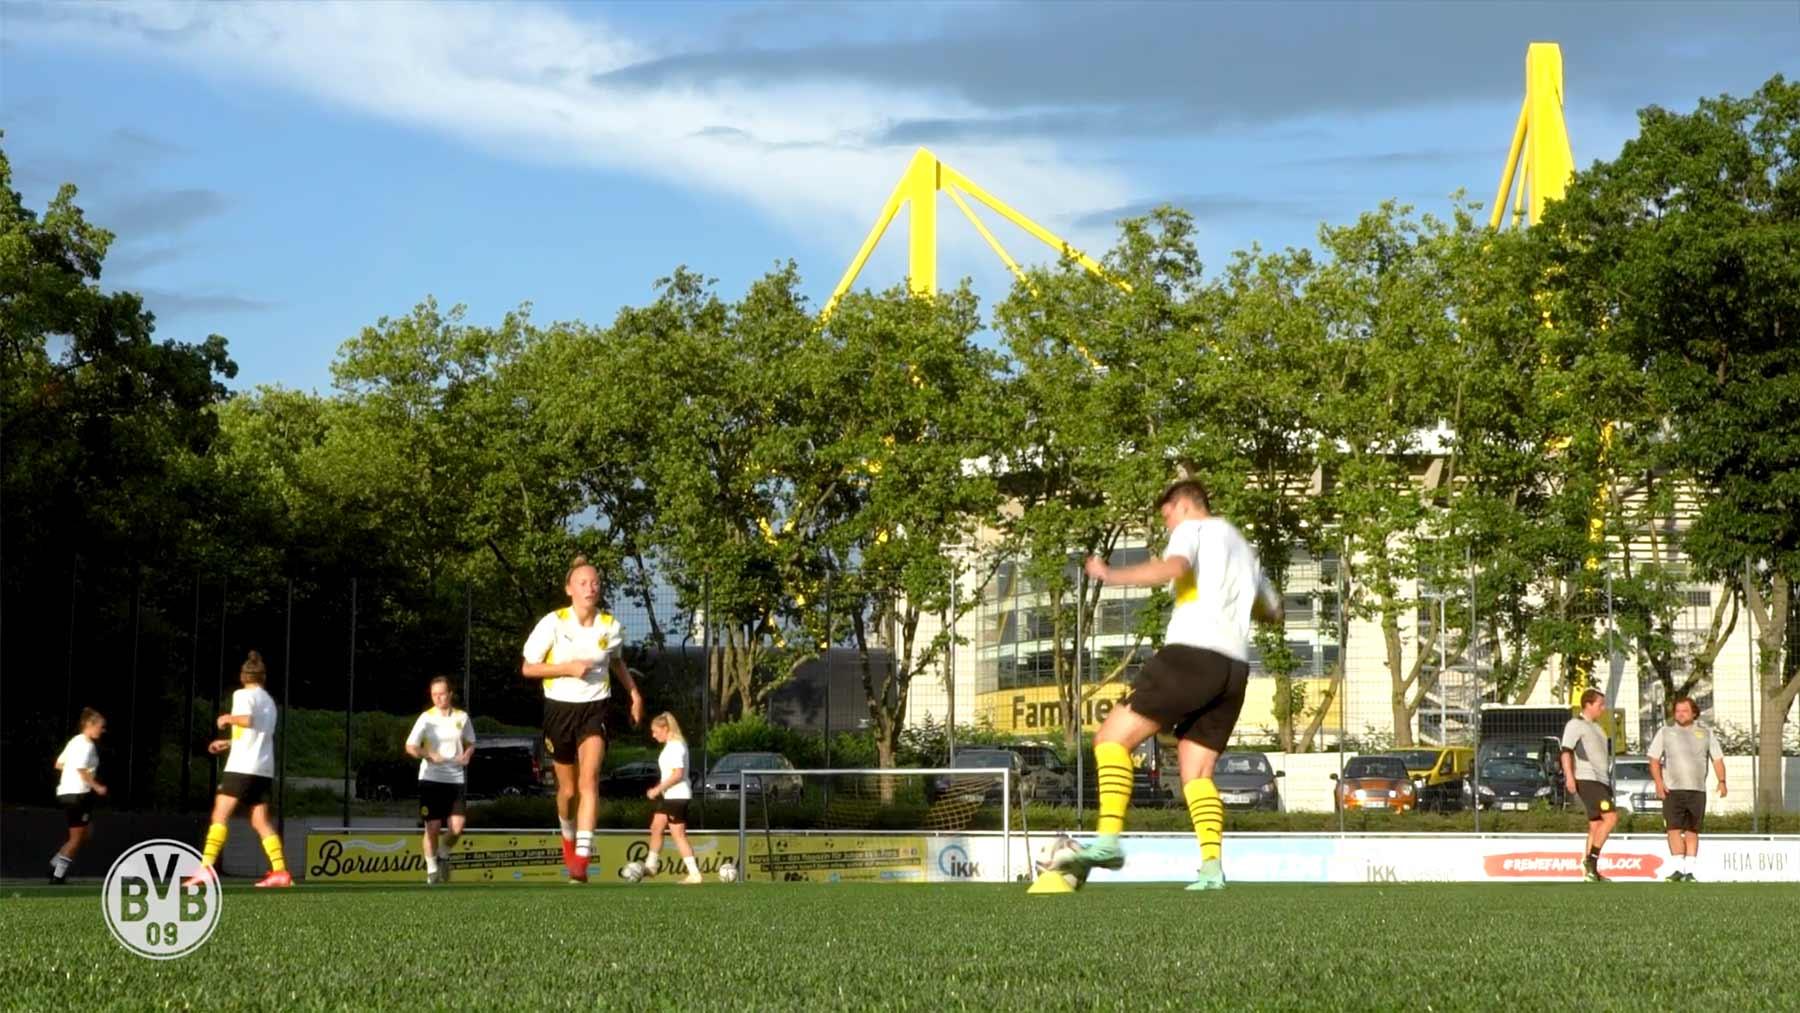 Das erste Training der Frauenmannschaft von Borussia Dortmund